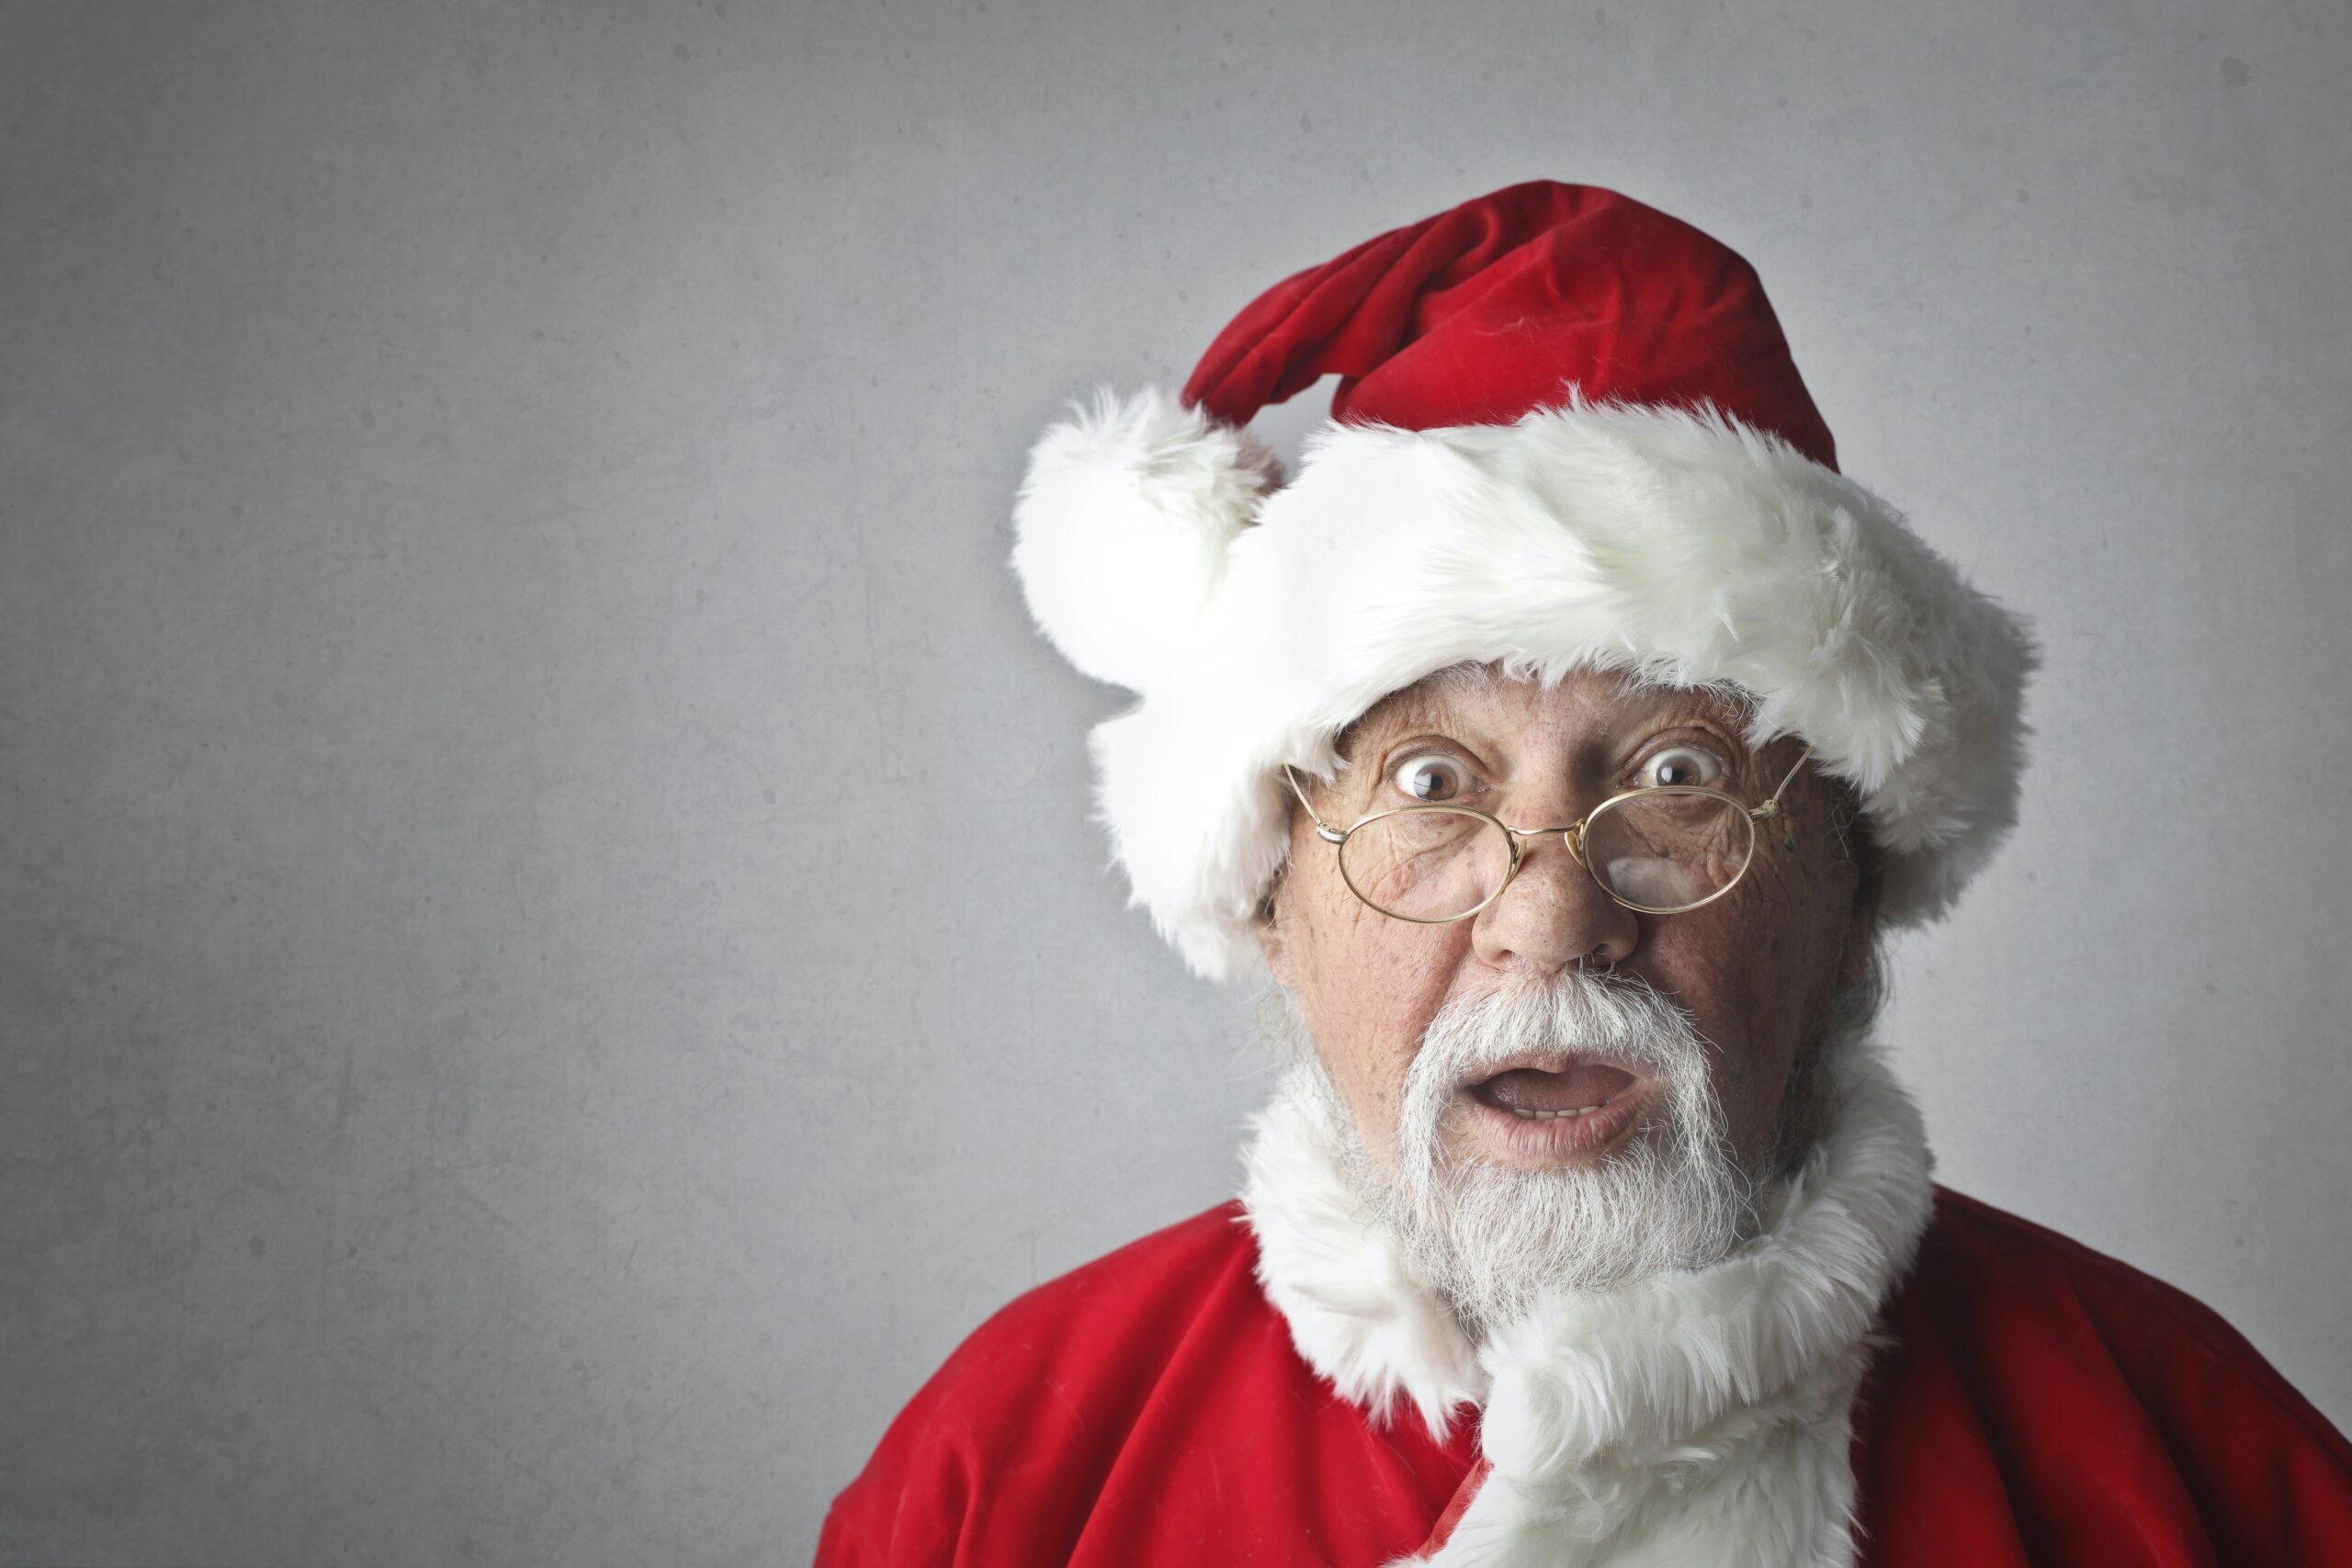 Kiedy powiedzieć dziecku, ze Mikołaj nie istnieje?